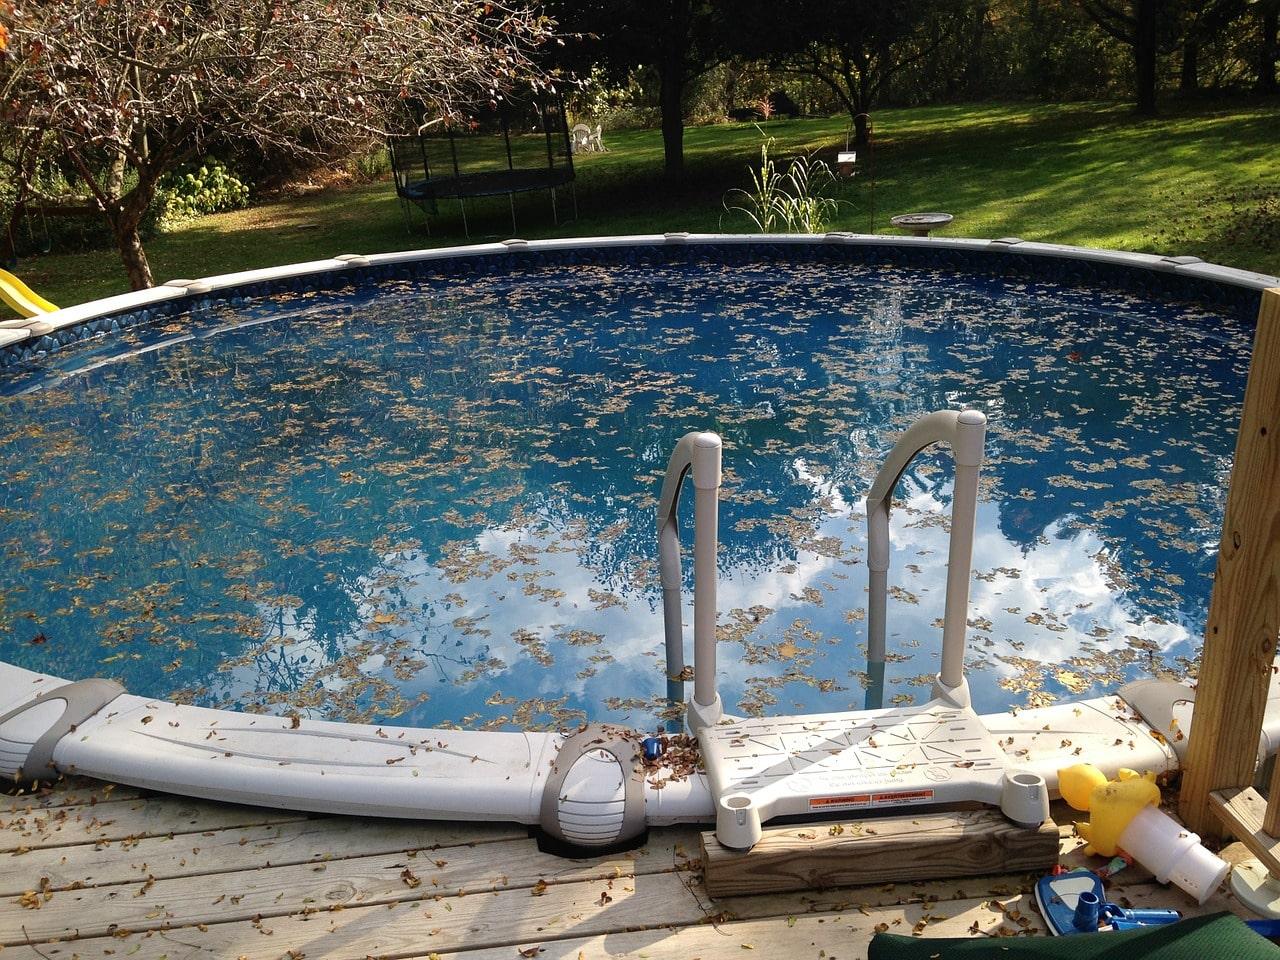 Comment réaliser le nettoyage d'une piscine